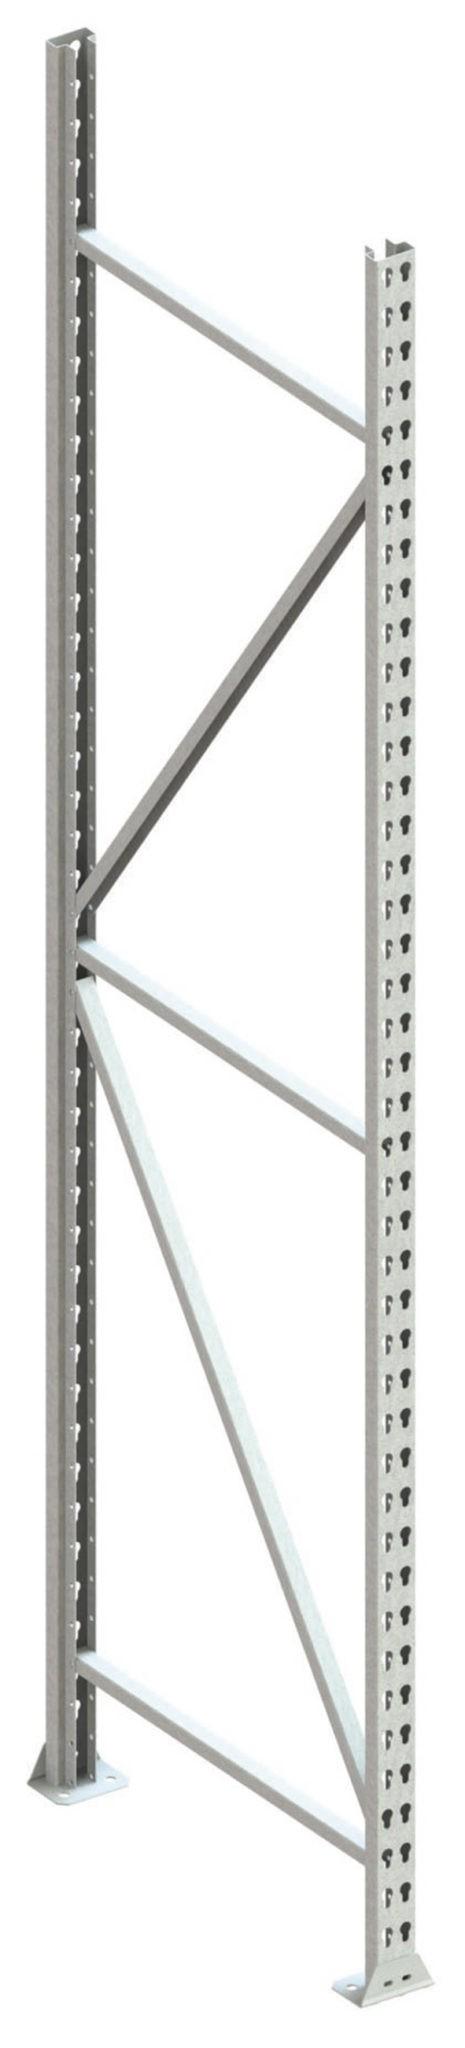 META Grootvakstelling Frame - 2200 x 650 mm